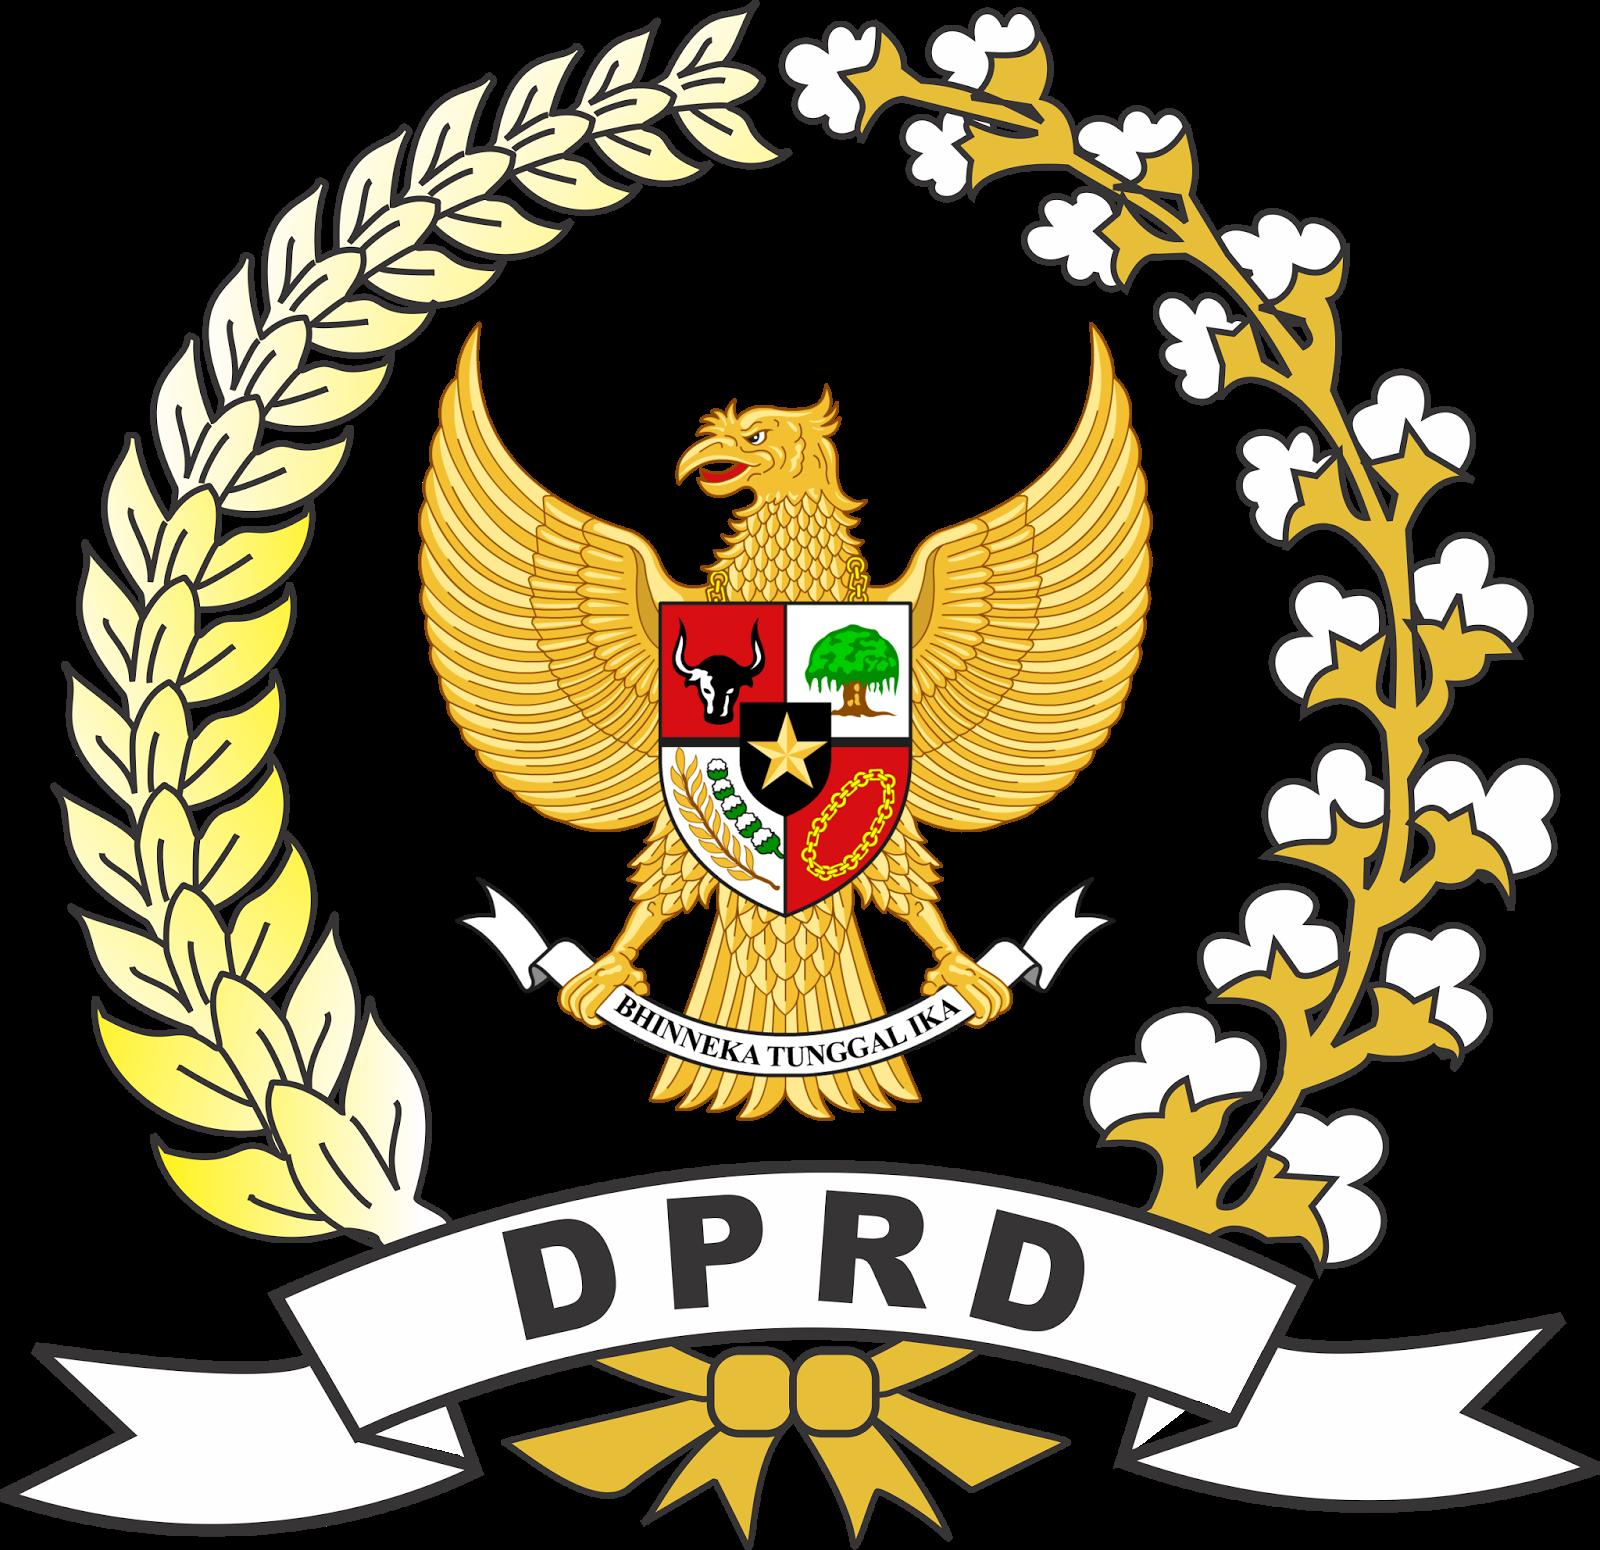 DPRD Kabupaten Kota